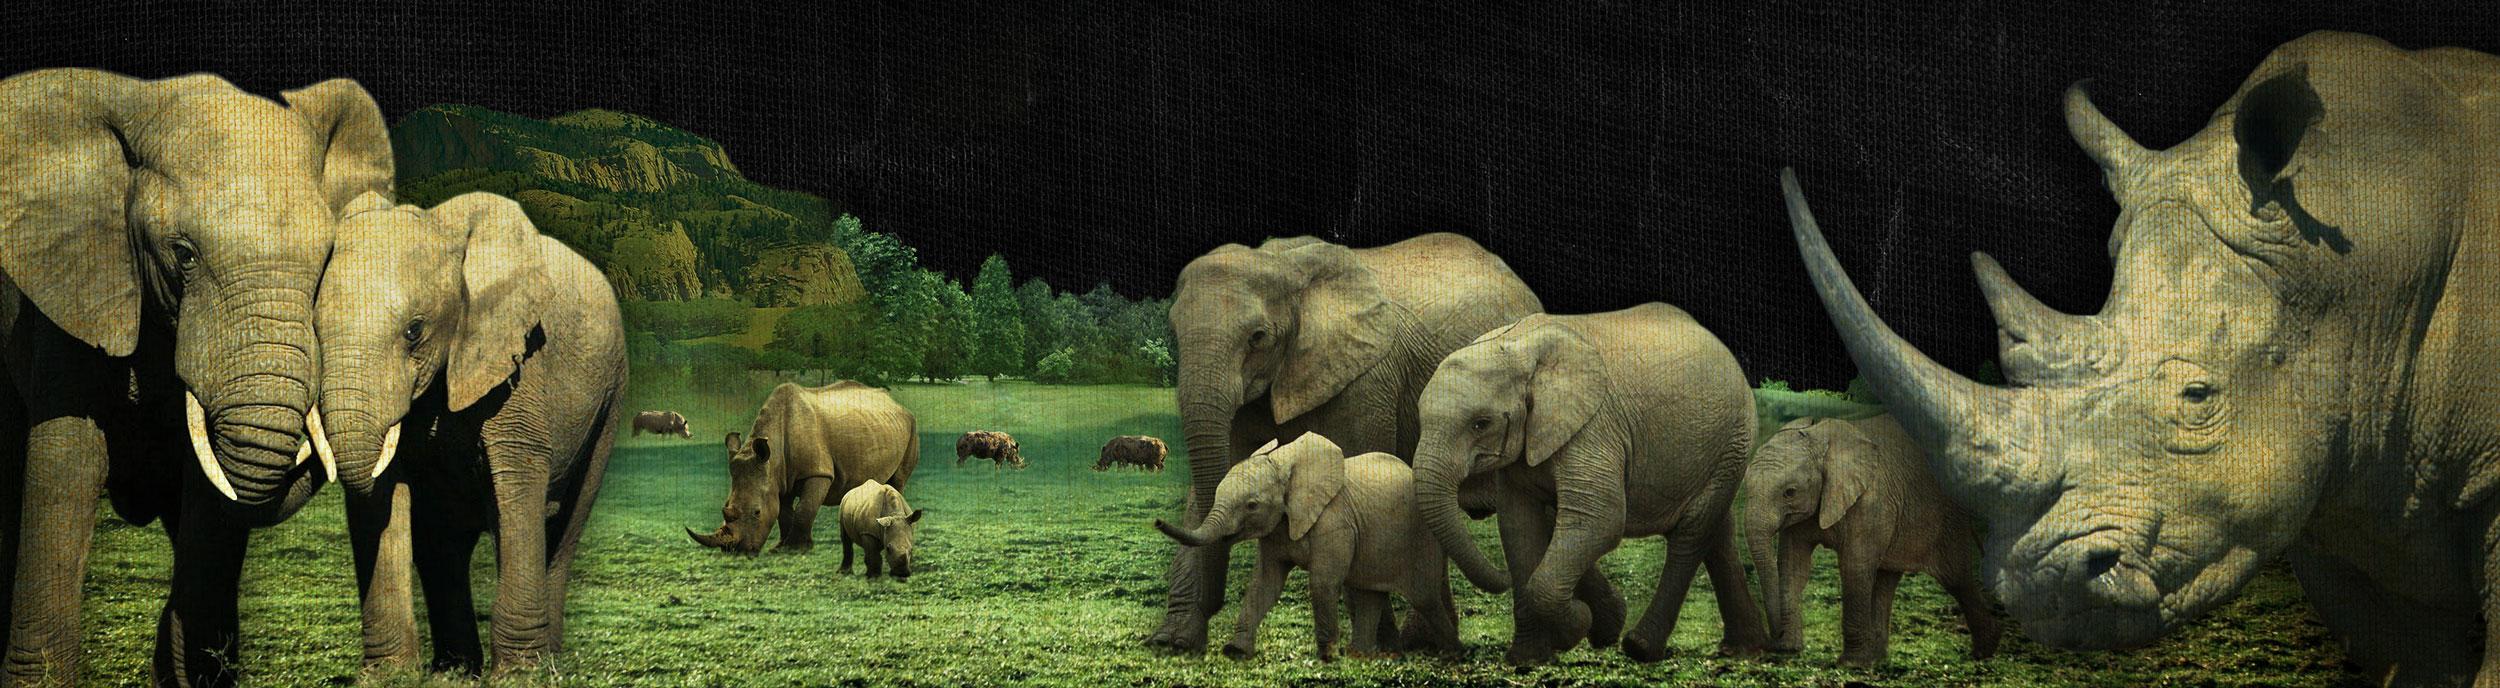 ElephantRhinoXXL